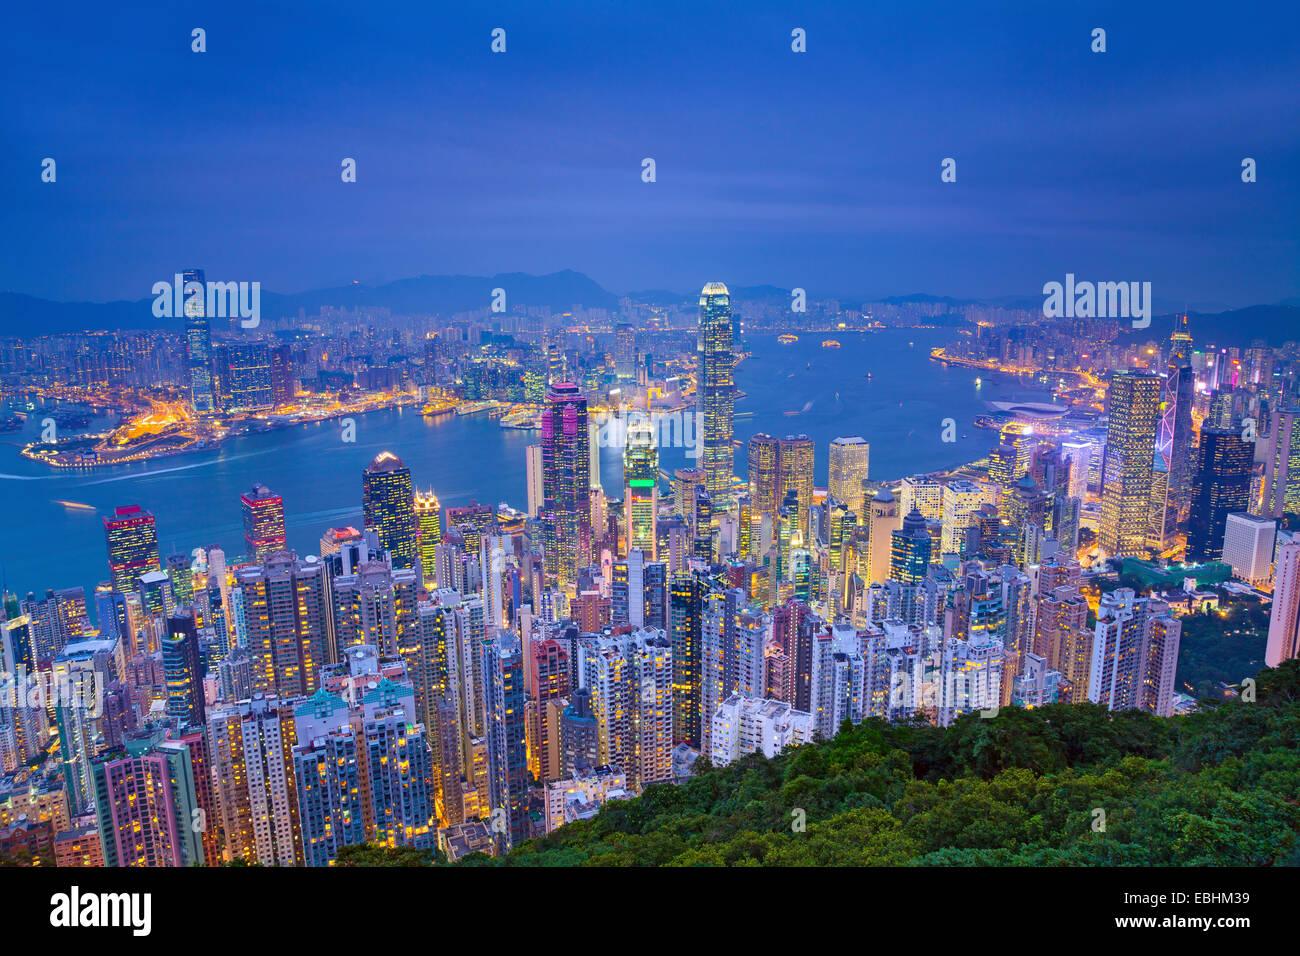 Hong Kong. Image de Hong Kong avec de nombreux gratte-ciel au crépuscule heure bleue. Photo Stock